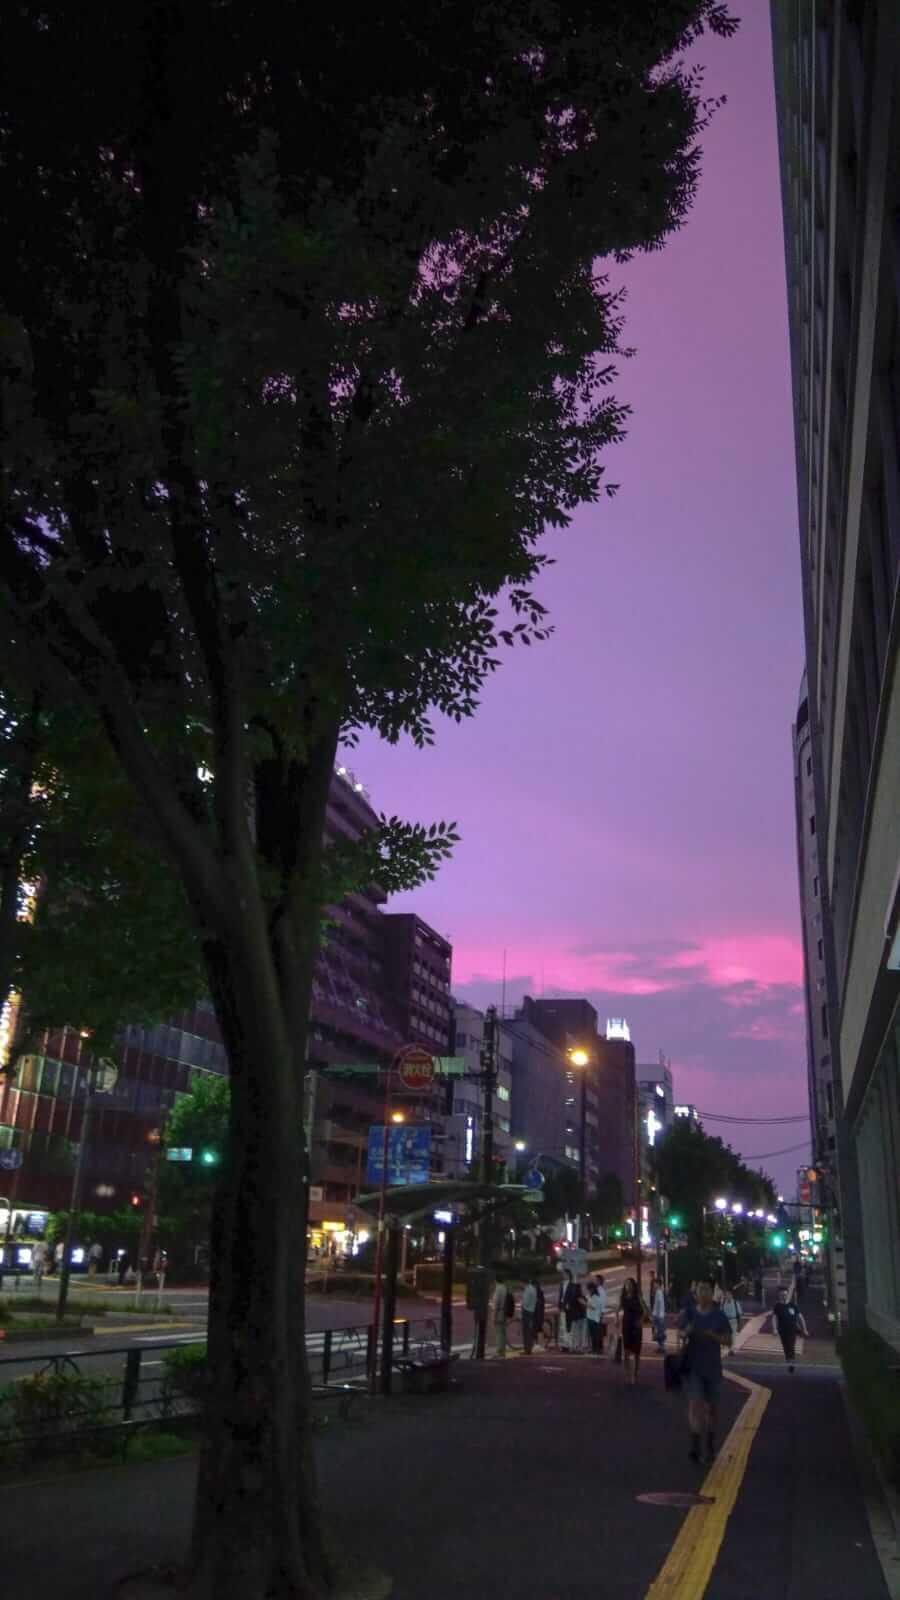 Sunset view at Higashi Shinjuku, next to Hanazono Shrine.